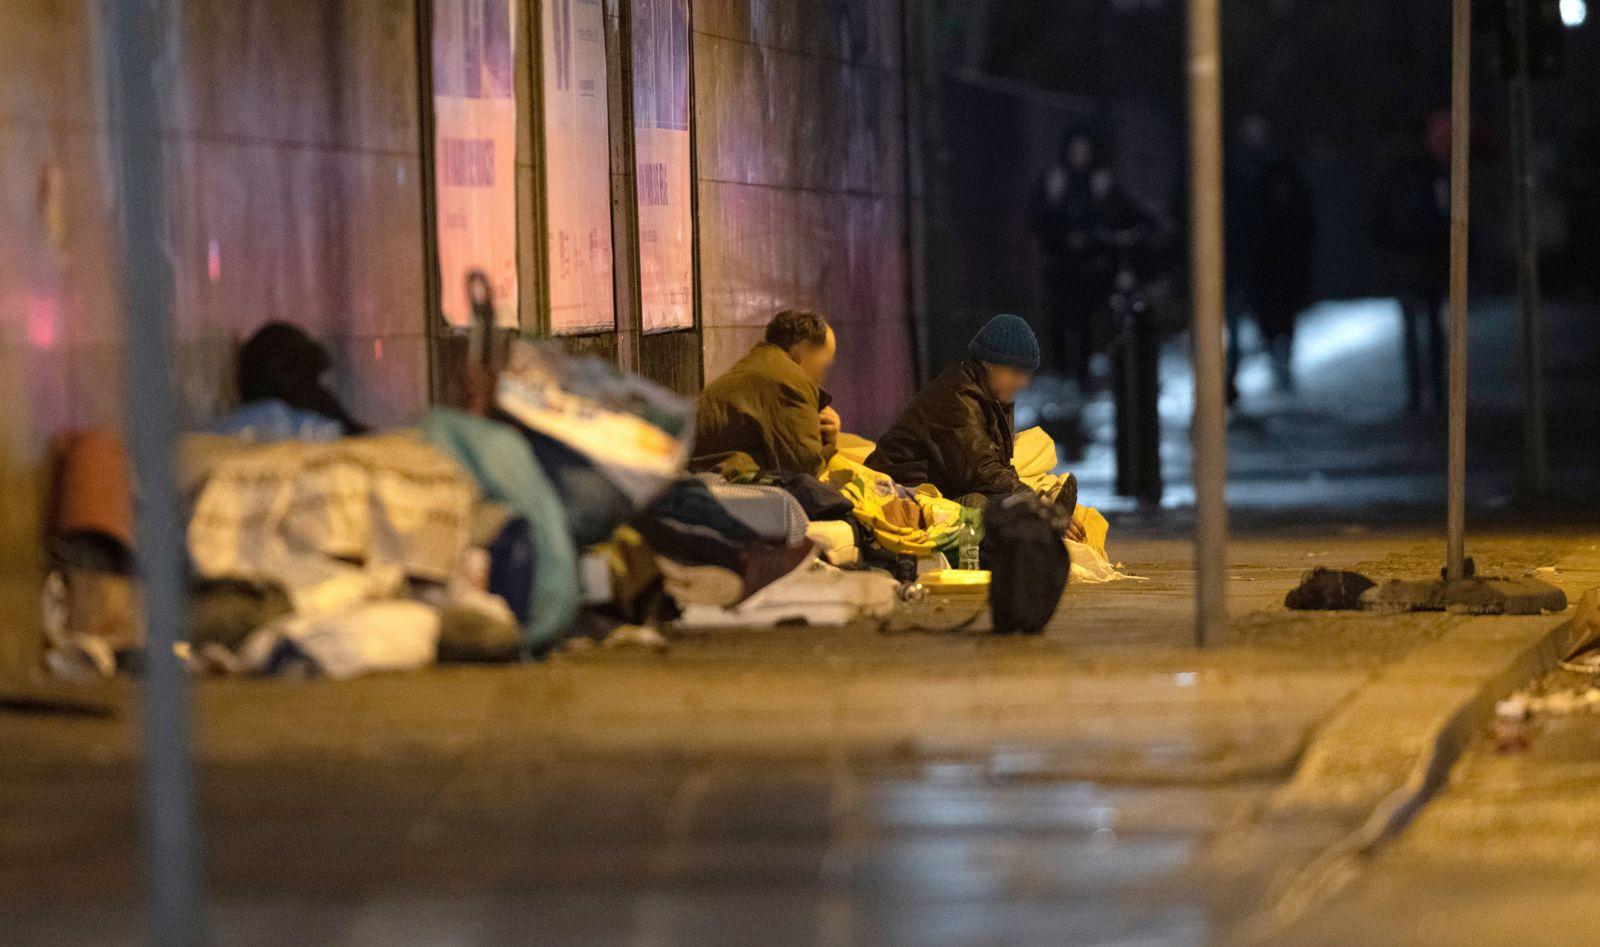 Nacht der Solidarität - Berlin zählt seine Obdachlosen